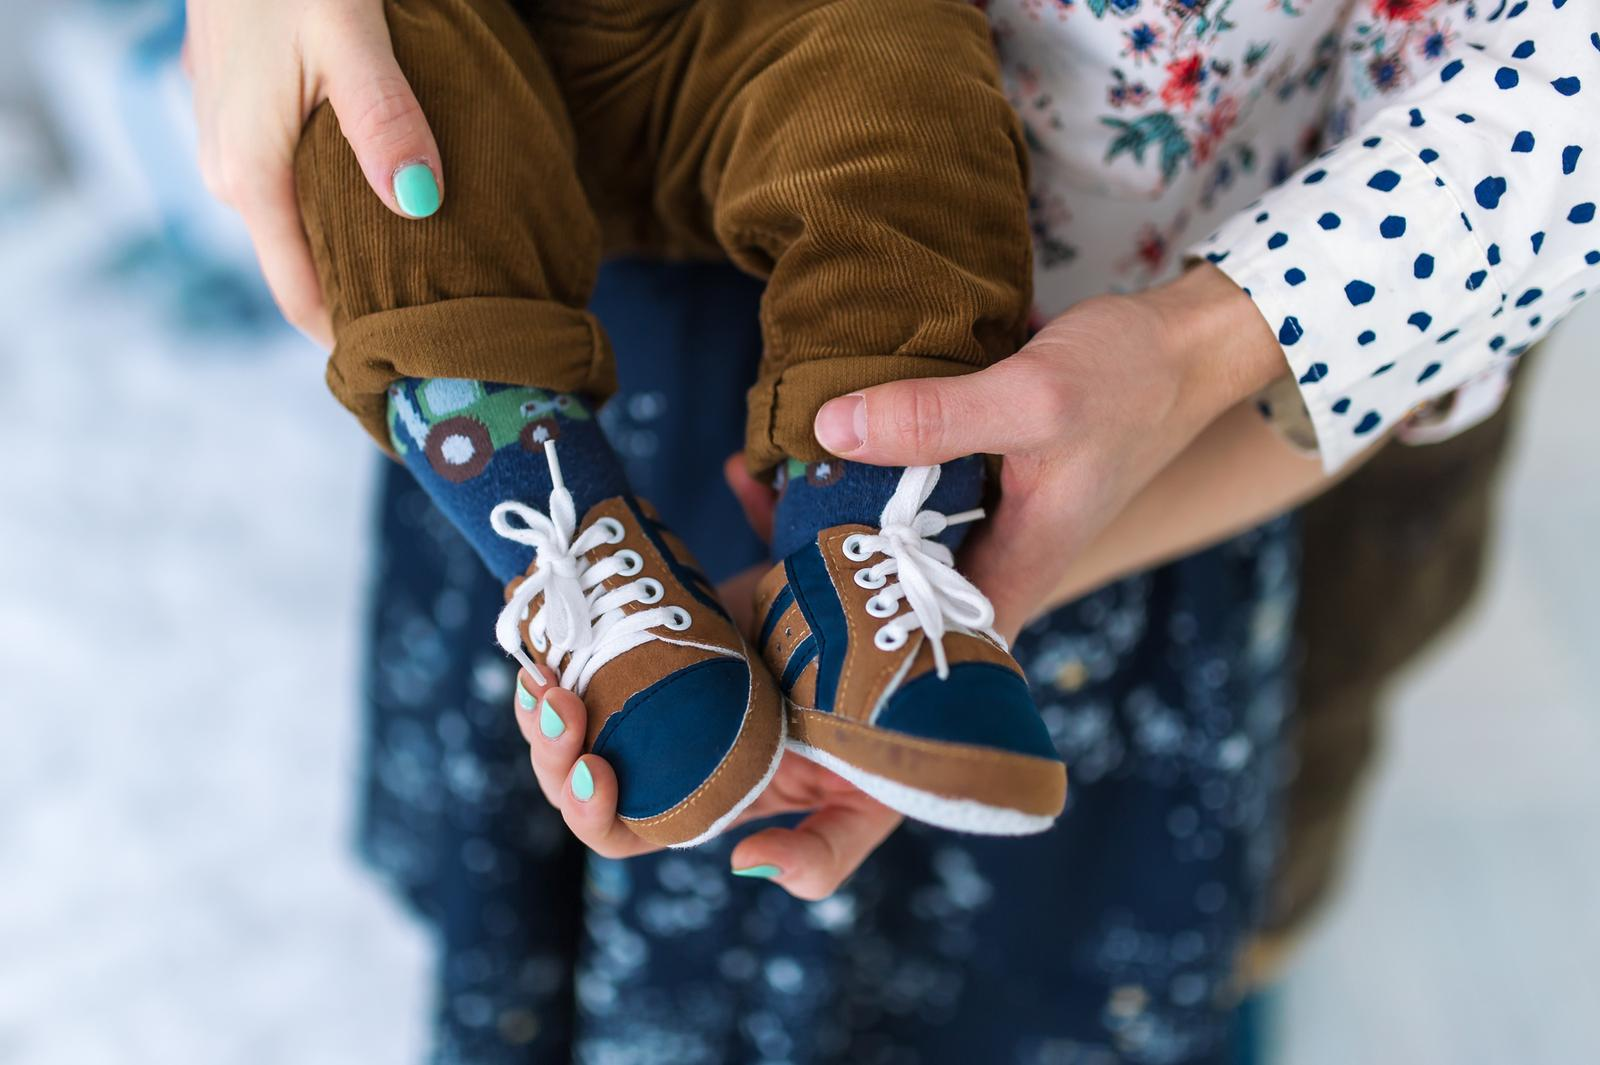 22ae2c0d4ca29 V dnešním článku přinášíme rozhovor s Veronikou Palkovou, která se zabývá  barefoot stylem obouvání. Ať už vás kolem barefoot zajímá cokoliv, můžete  využít ...